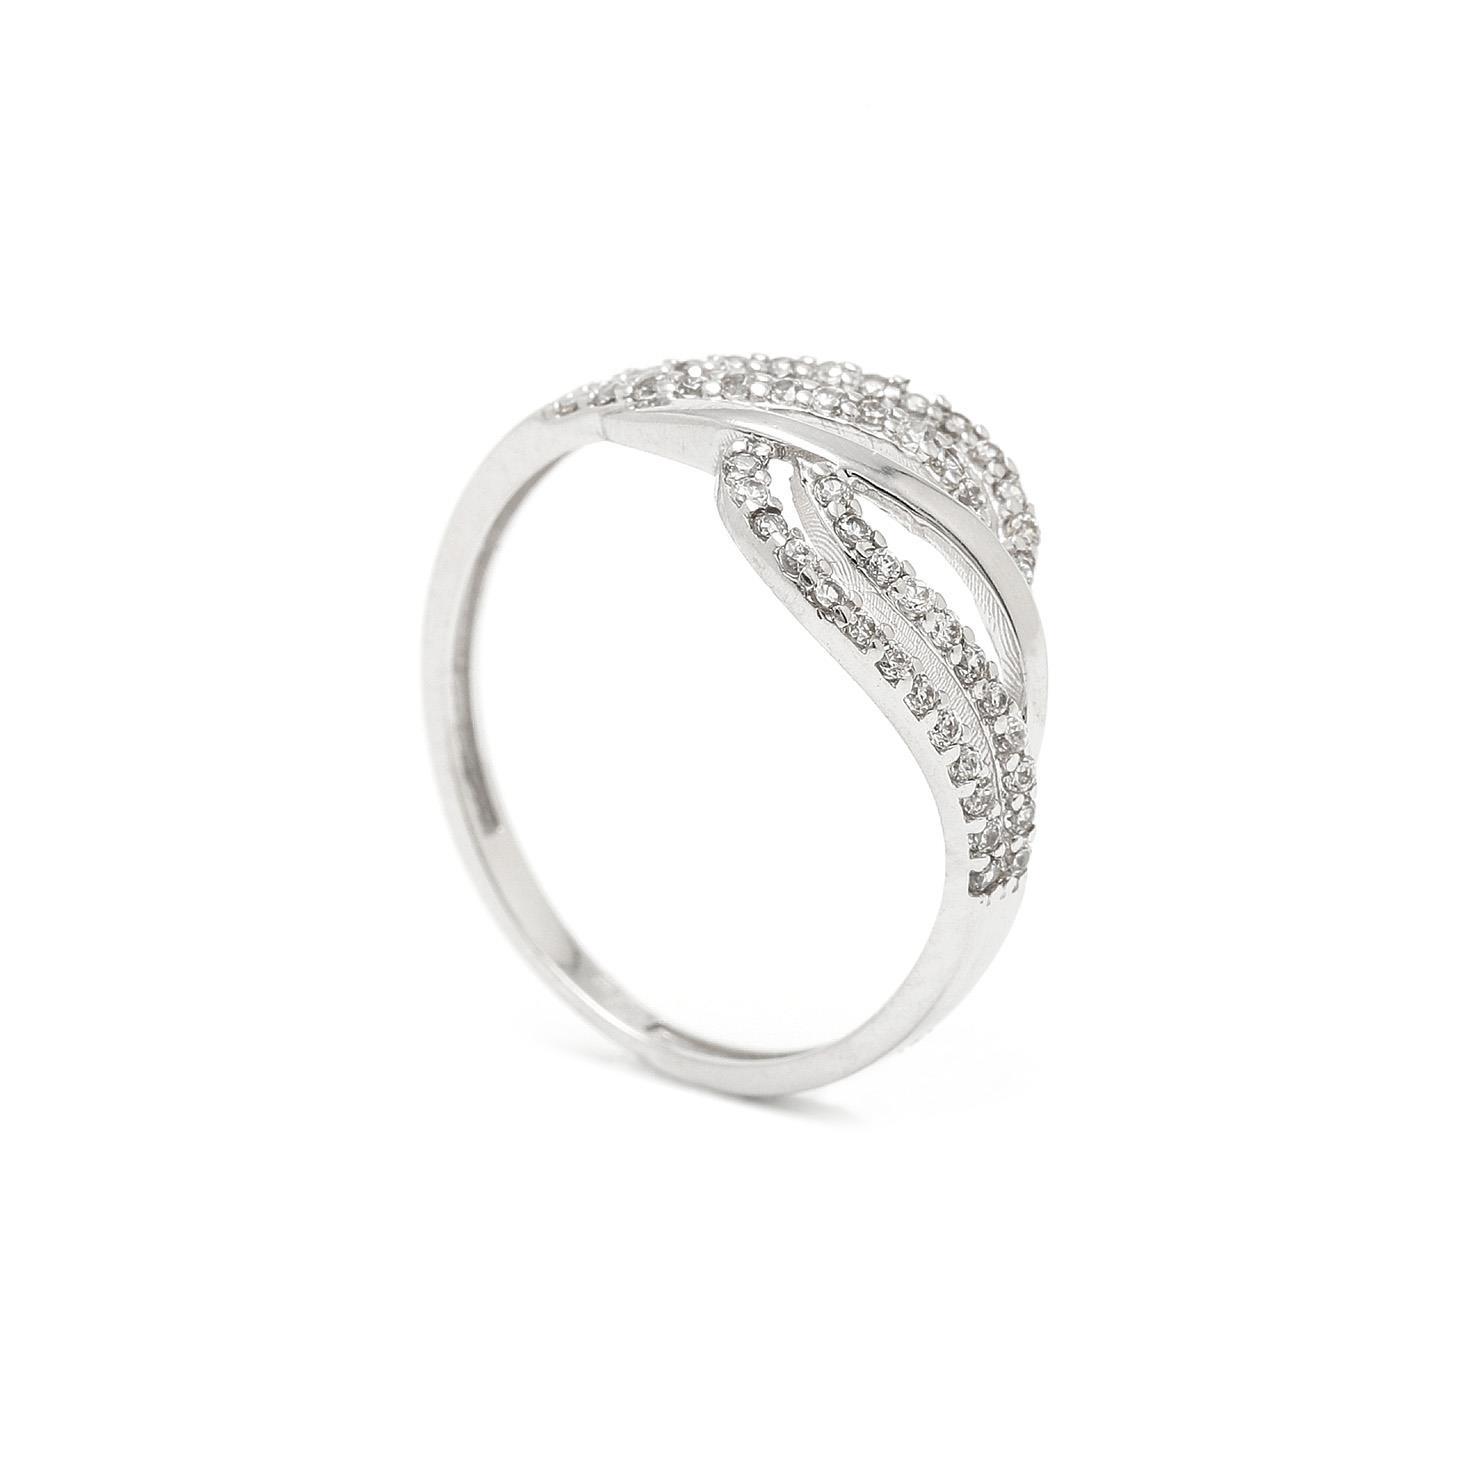 Zlatý dámsky prsteň GLADUSE 7PB00339